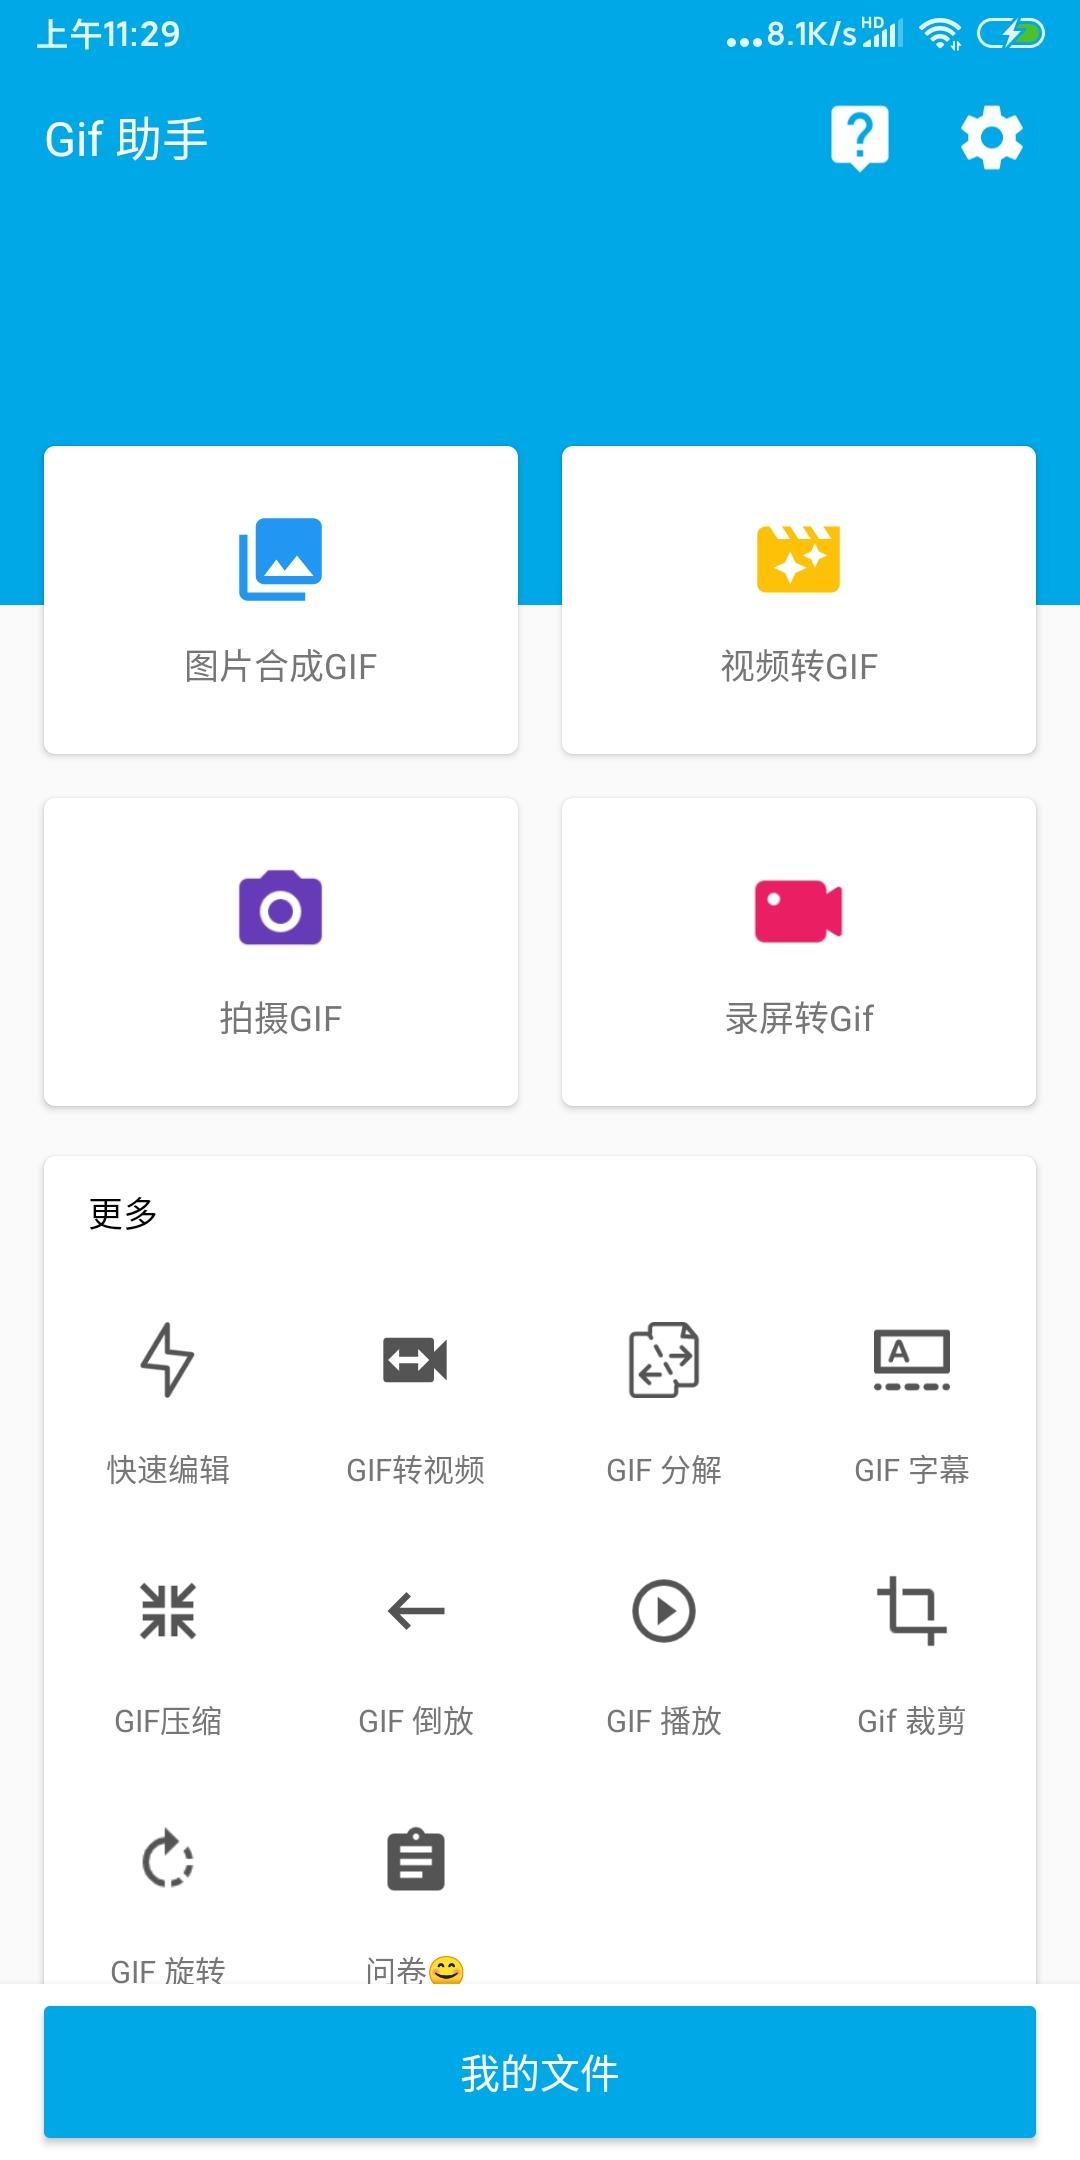 动态图片丶GIF助手丶去广告/解锁高级版,动态图片丶GIF助手丶去广告/解锁高级版,第1张